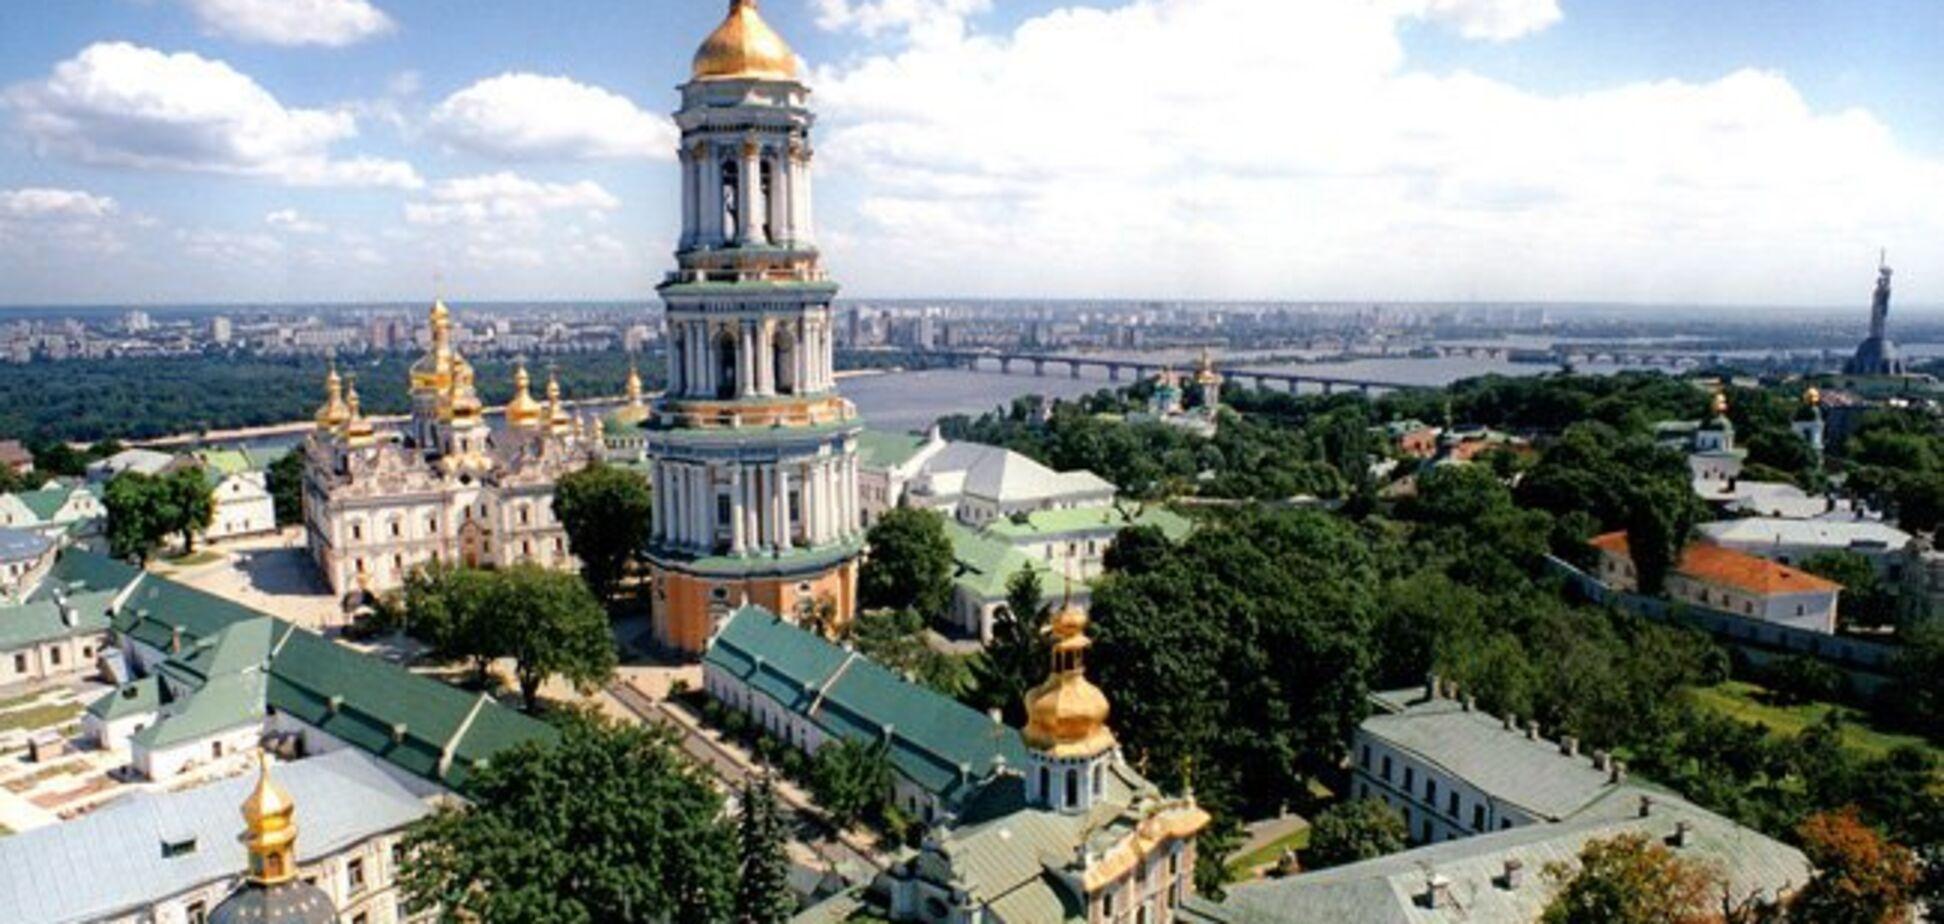 ''Дядюшка Томос пришел'': Печерская лавра удивила киевлян патриотическим новшеством